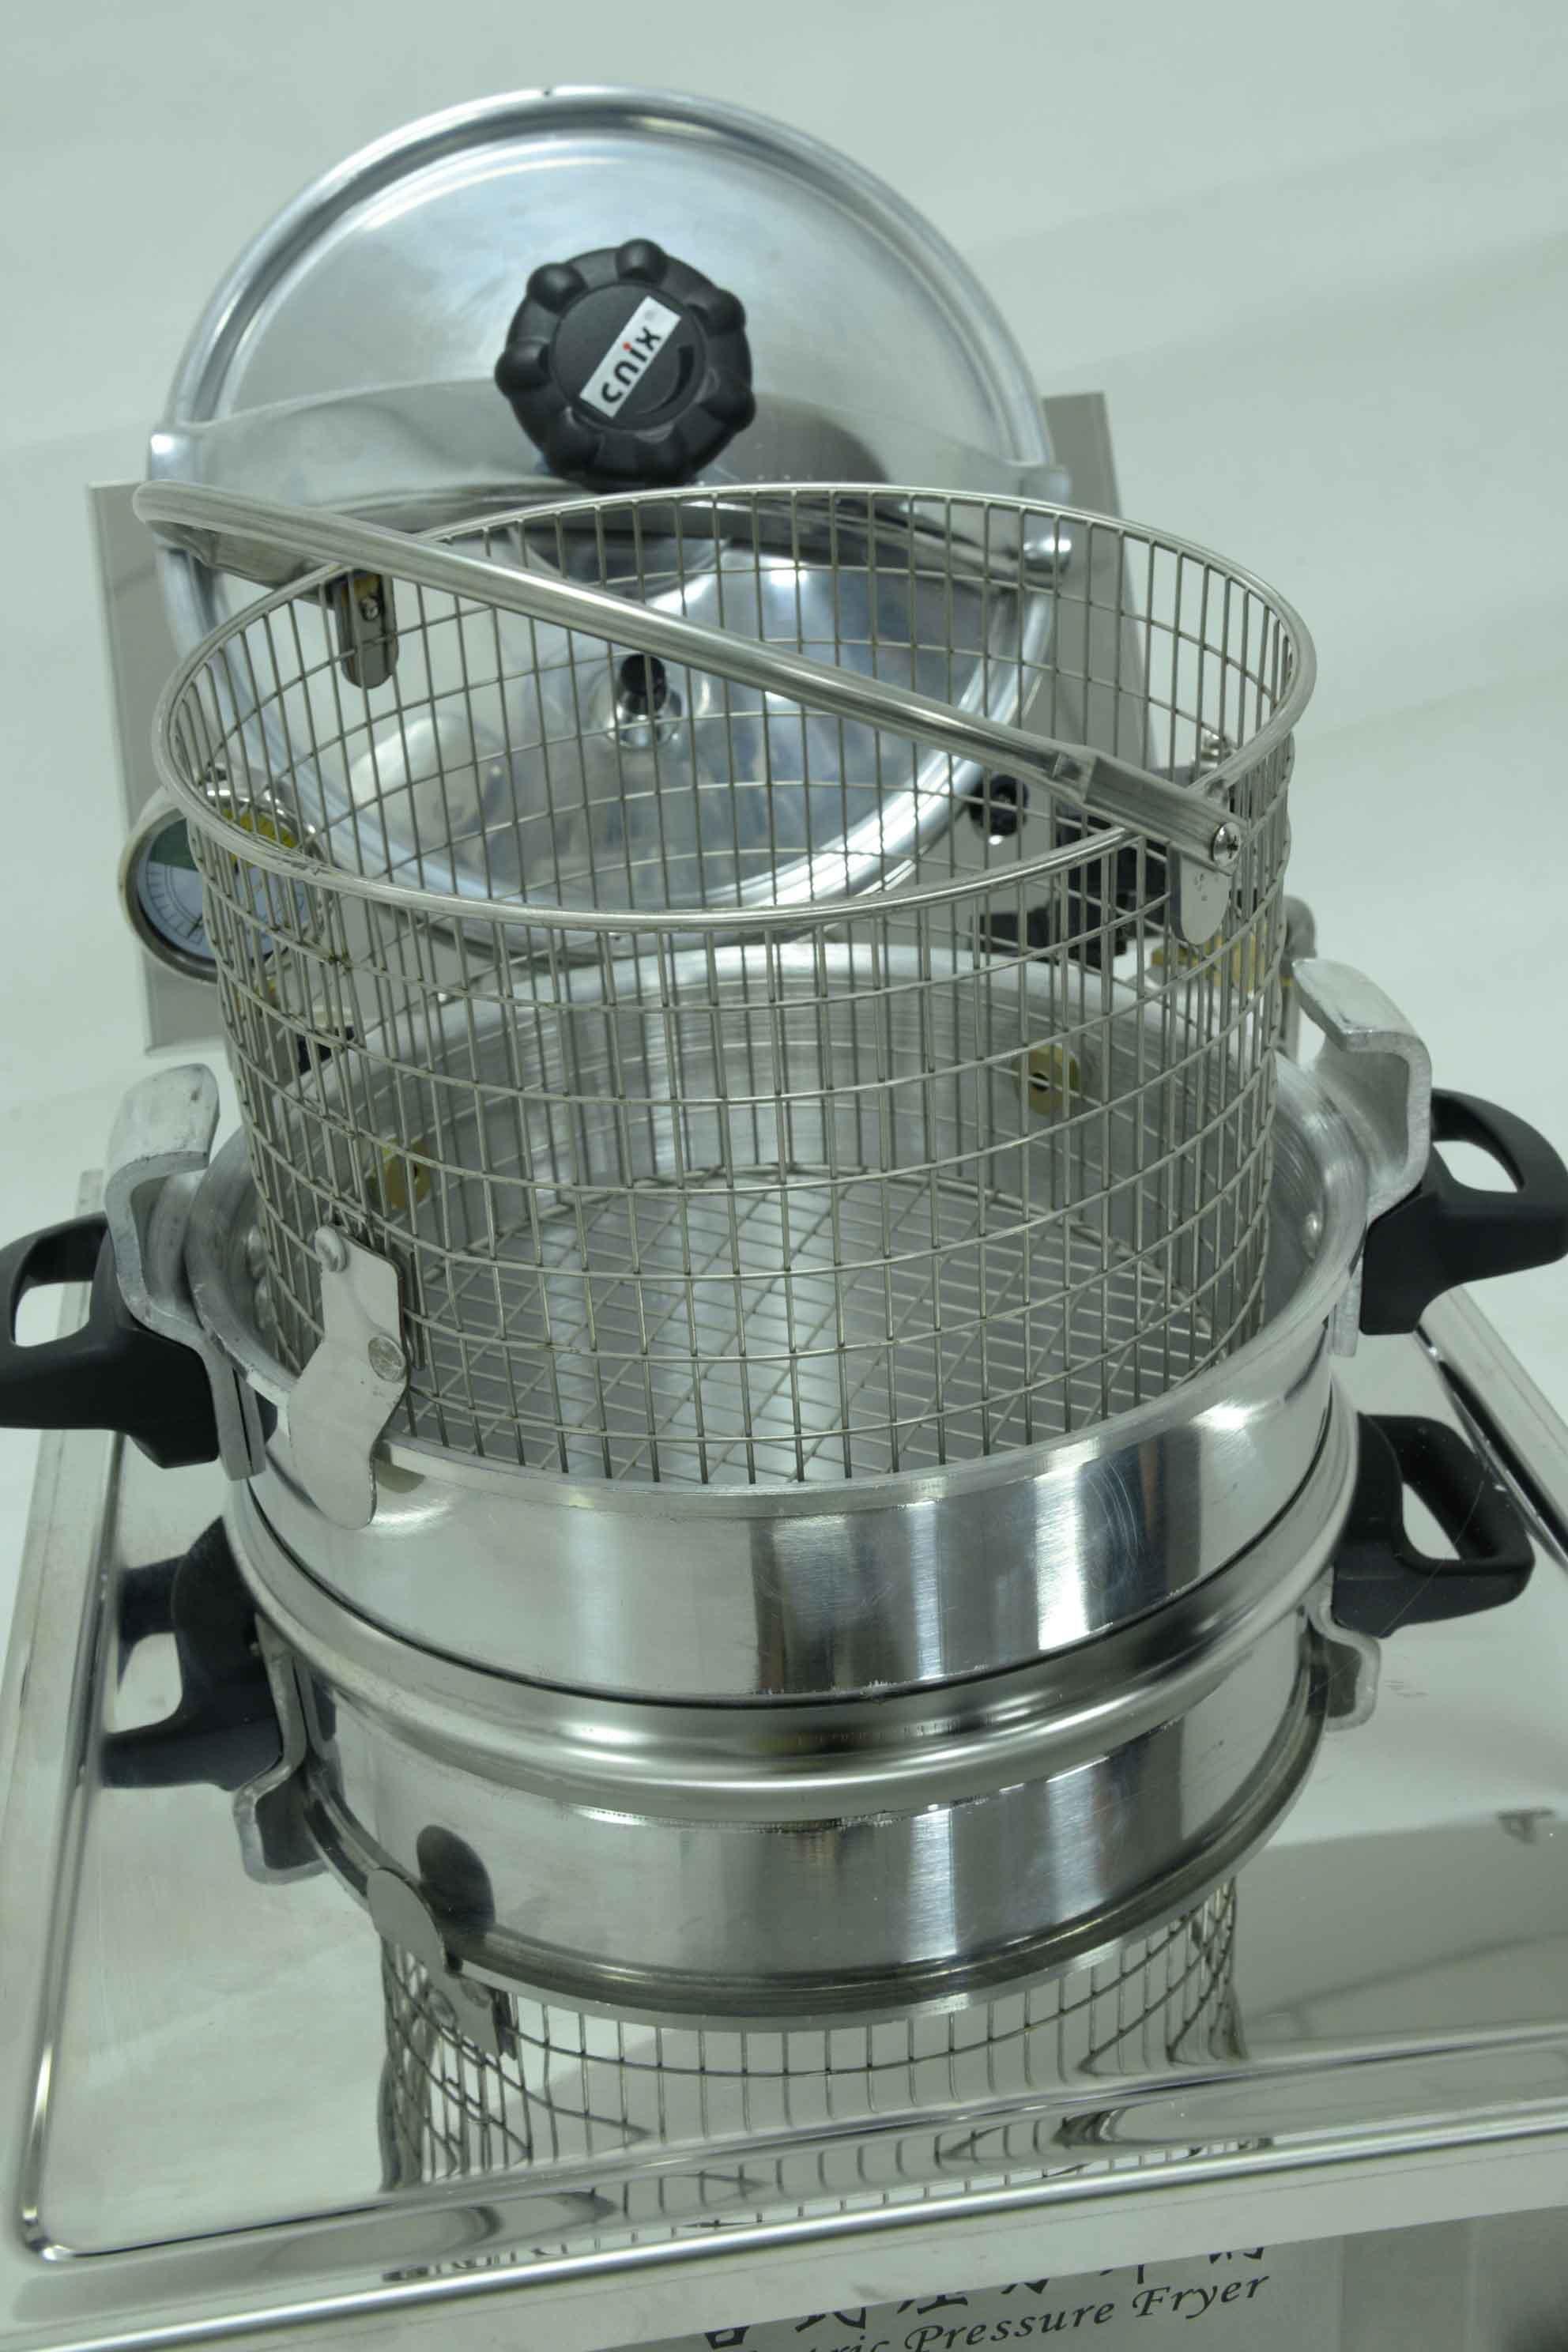 Mdxz-16 Electric Turkey Fryer, Commercial Chicken Pressure Fryer